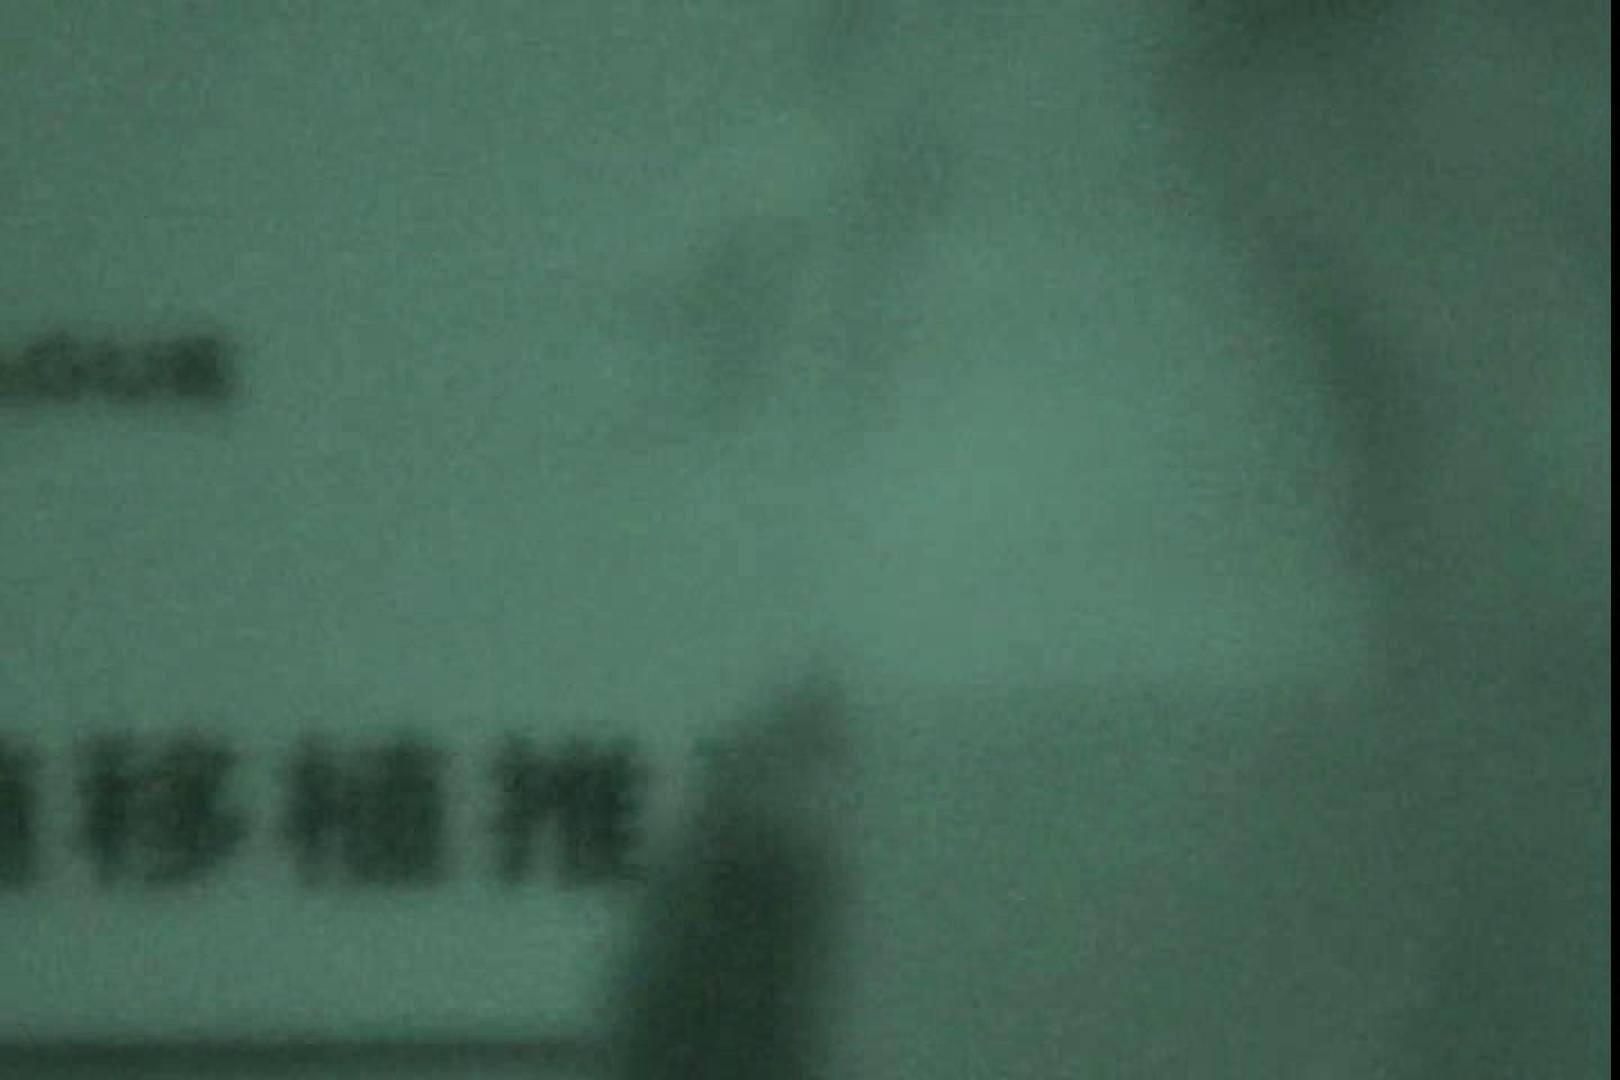 赤外線ムレスケバレー(汗) vol.07 アスリート | 赤外線  81枚 7